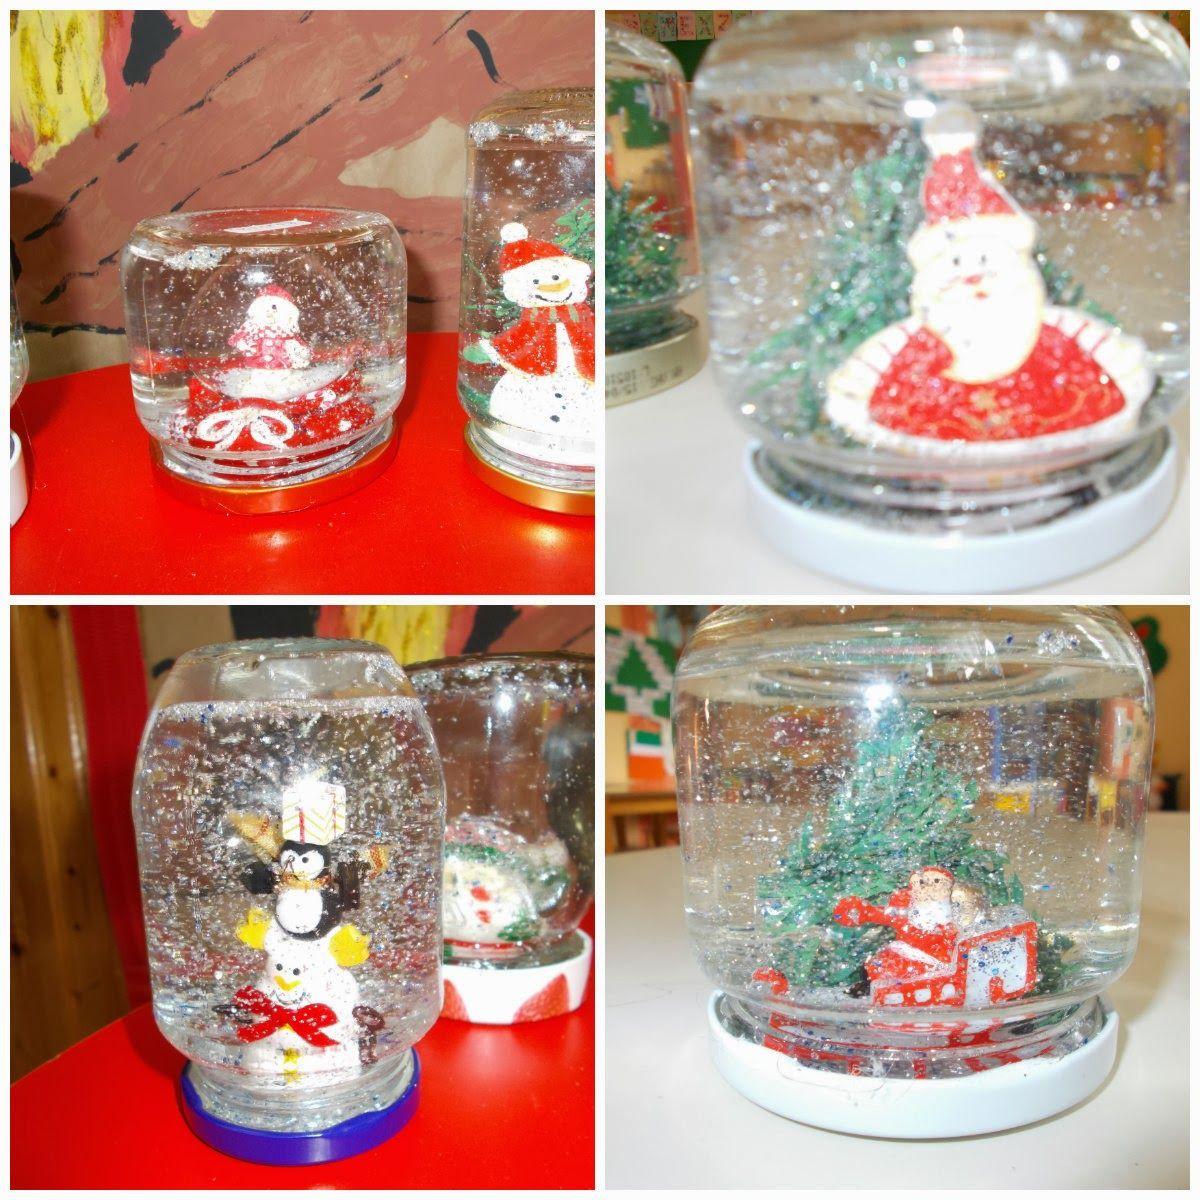 χριστουγεννιατικες κατασκευες για παιδια προσχολικης ηλικιας